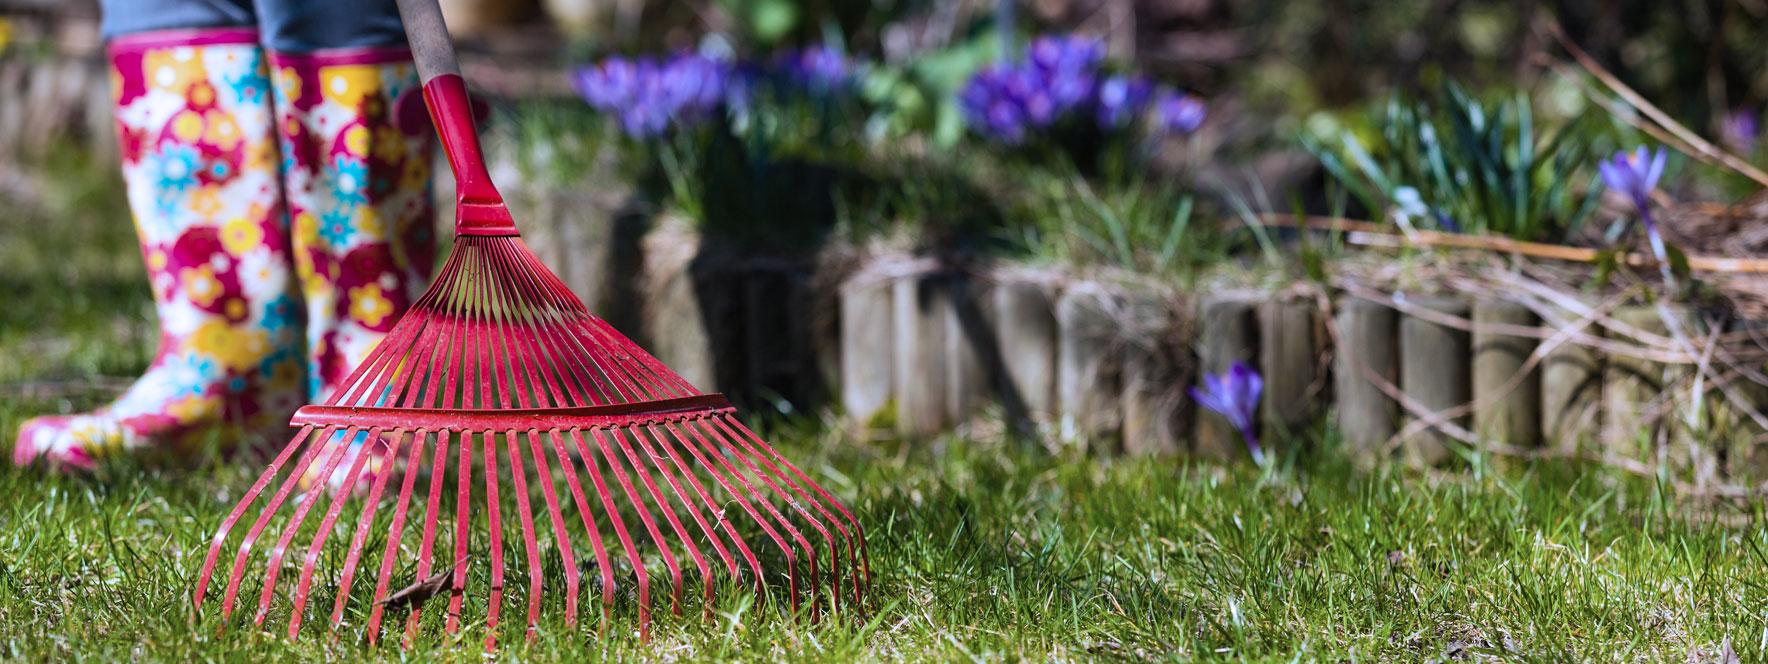 La massothérapie et les travaux du printemps - Blogue du Réseau